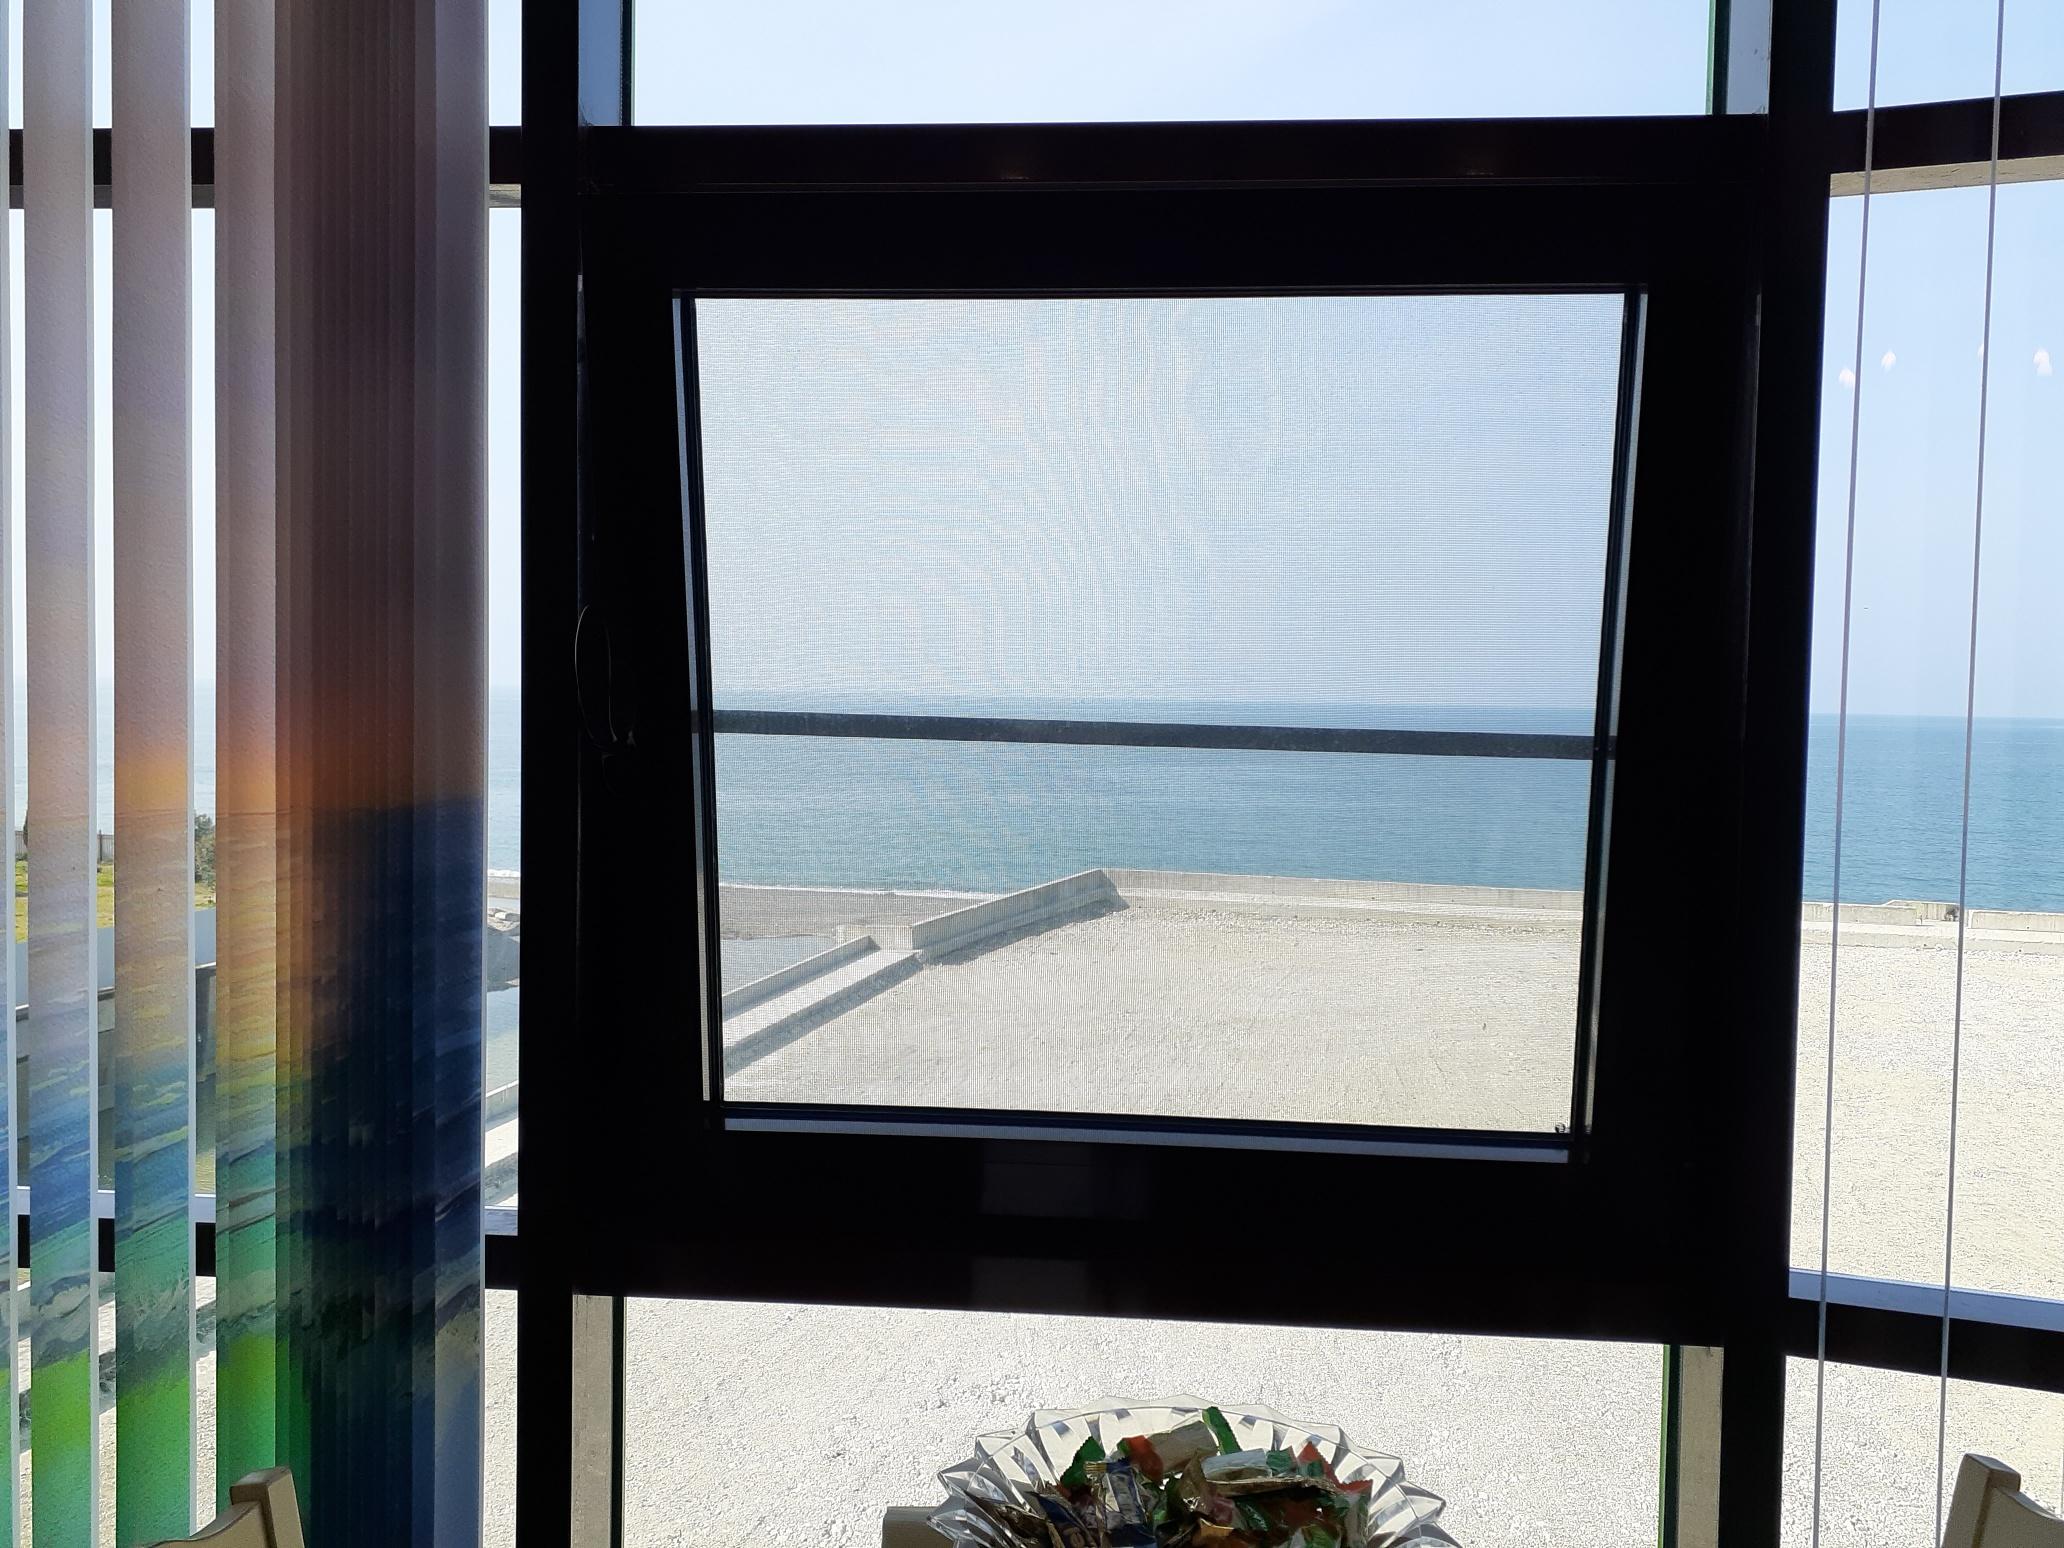 """Продам - ПродажаОбмен 81,2 м2 3 эт Сочи, ЖК""""Green Sail-1"""" ул. Белорусская д.8, 150 м от пляжа Прямой панарамный вид на море -Белорусская - цена: 15500000"""